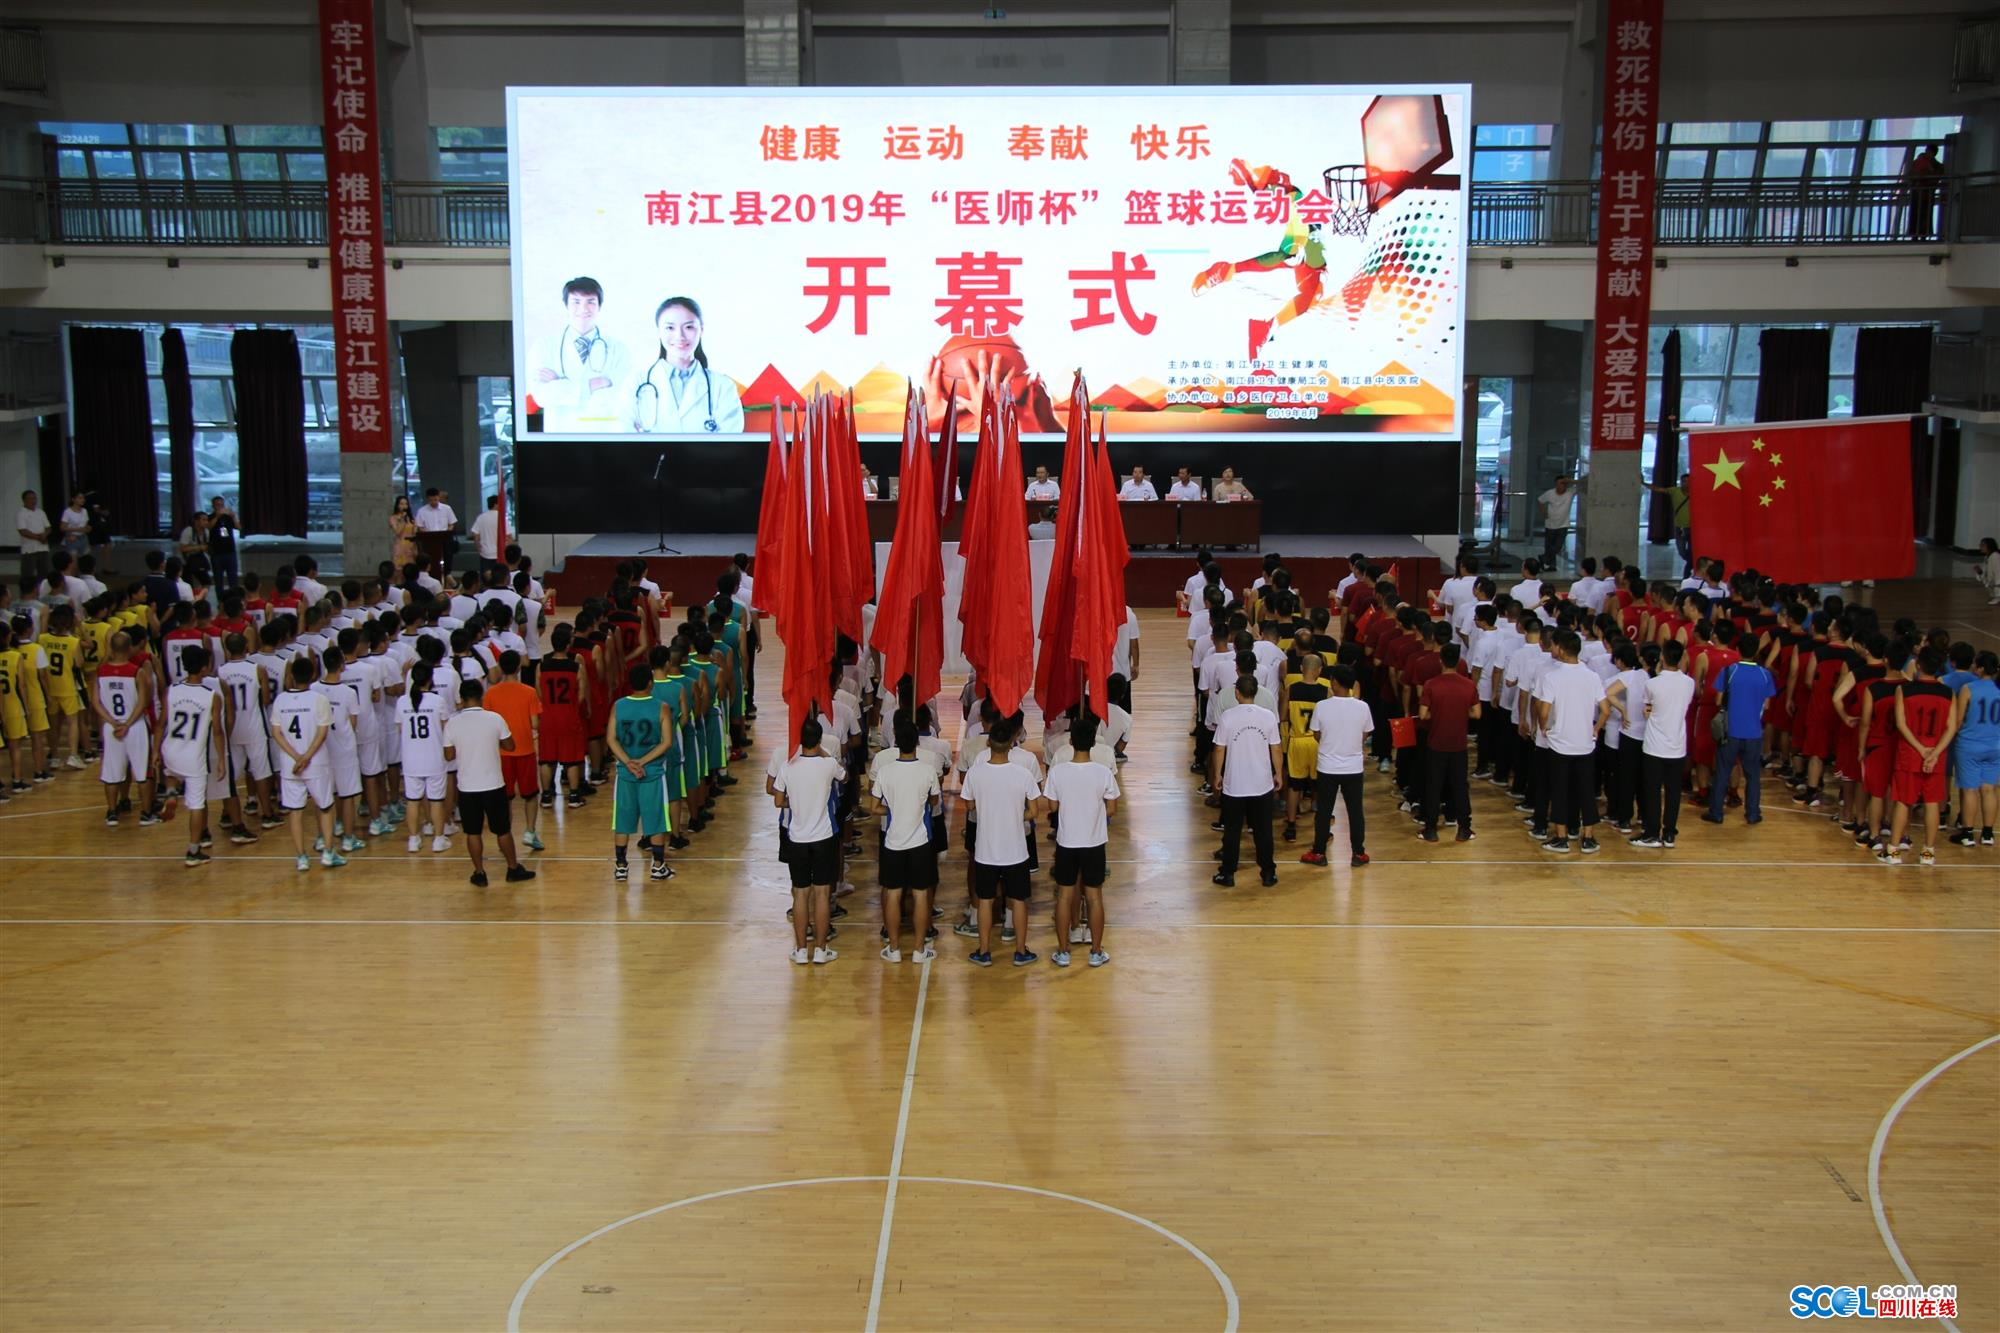 南江县2019年医师杯篮球比赛火热开赛